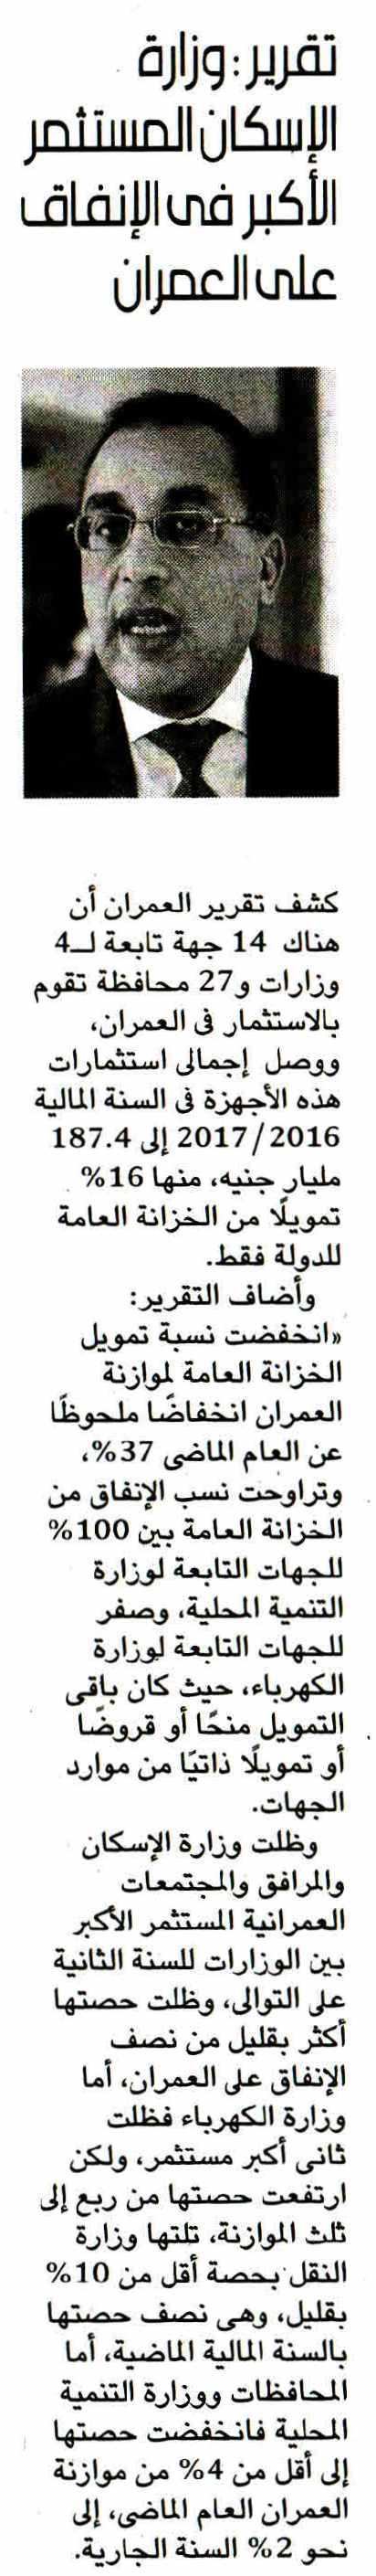 Al Youm 7 21 May P.9 D.jpg